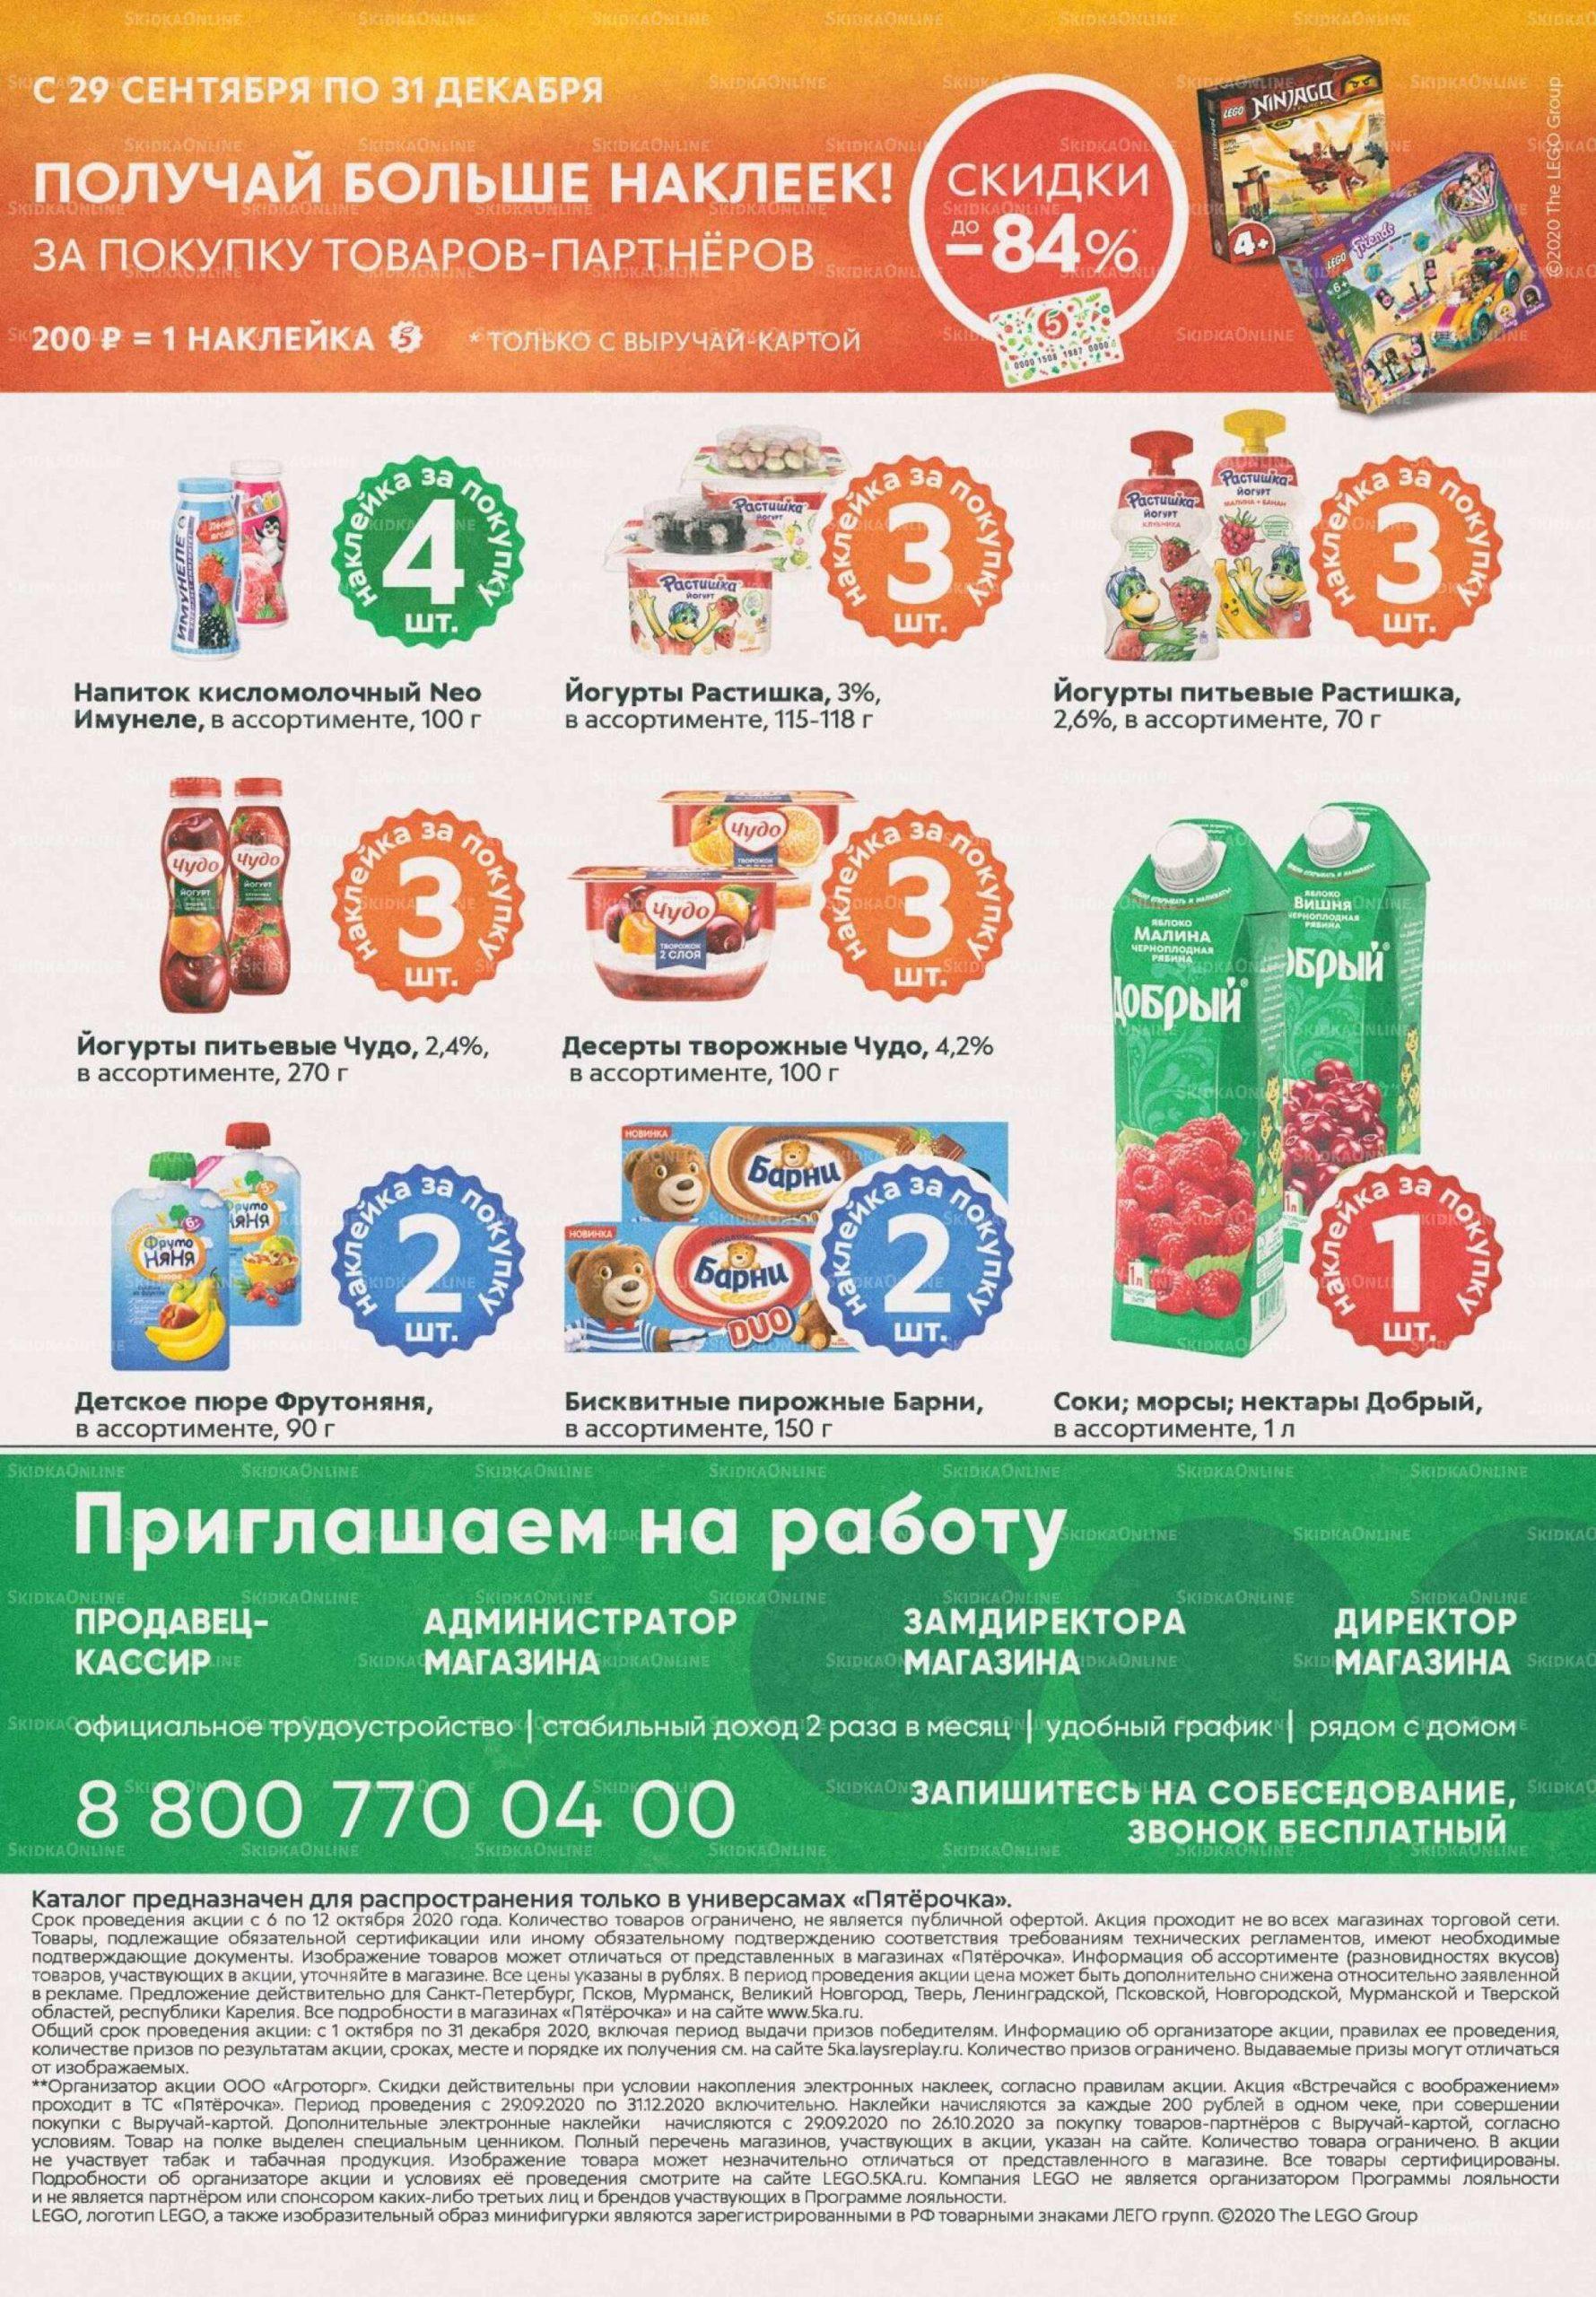 Акции в Пятёрочке с 6 по 12 октября 2020 года